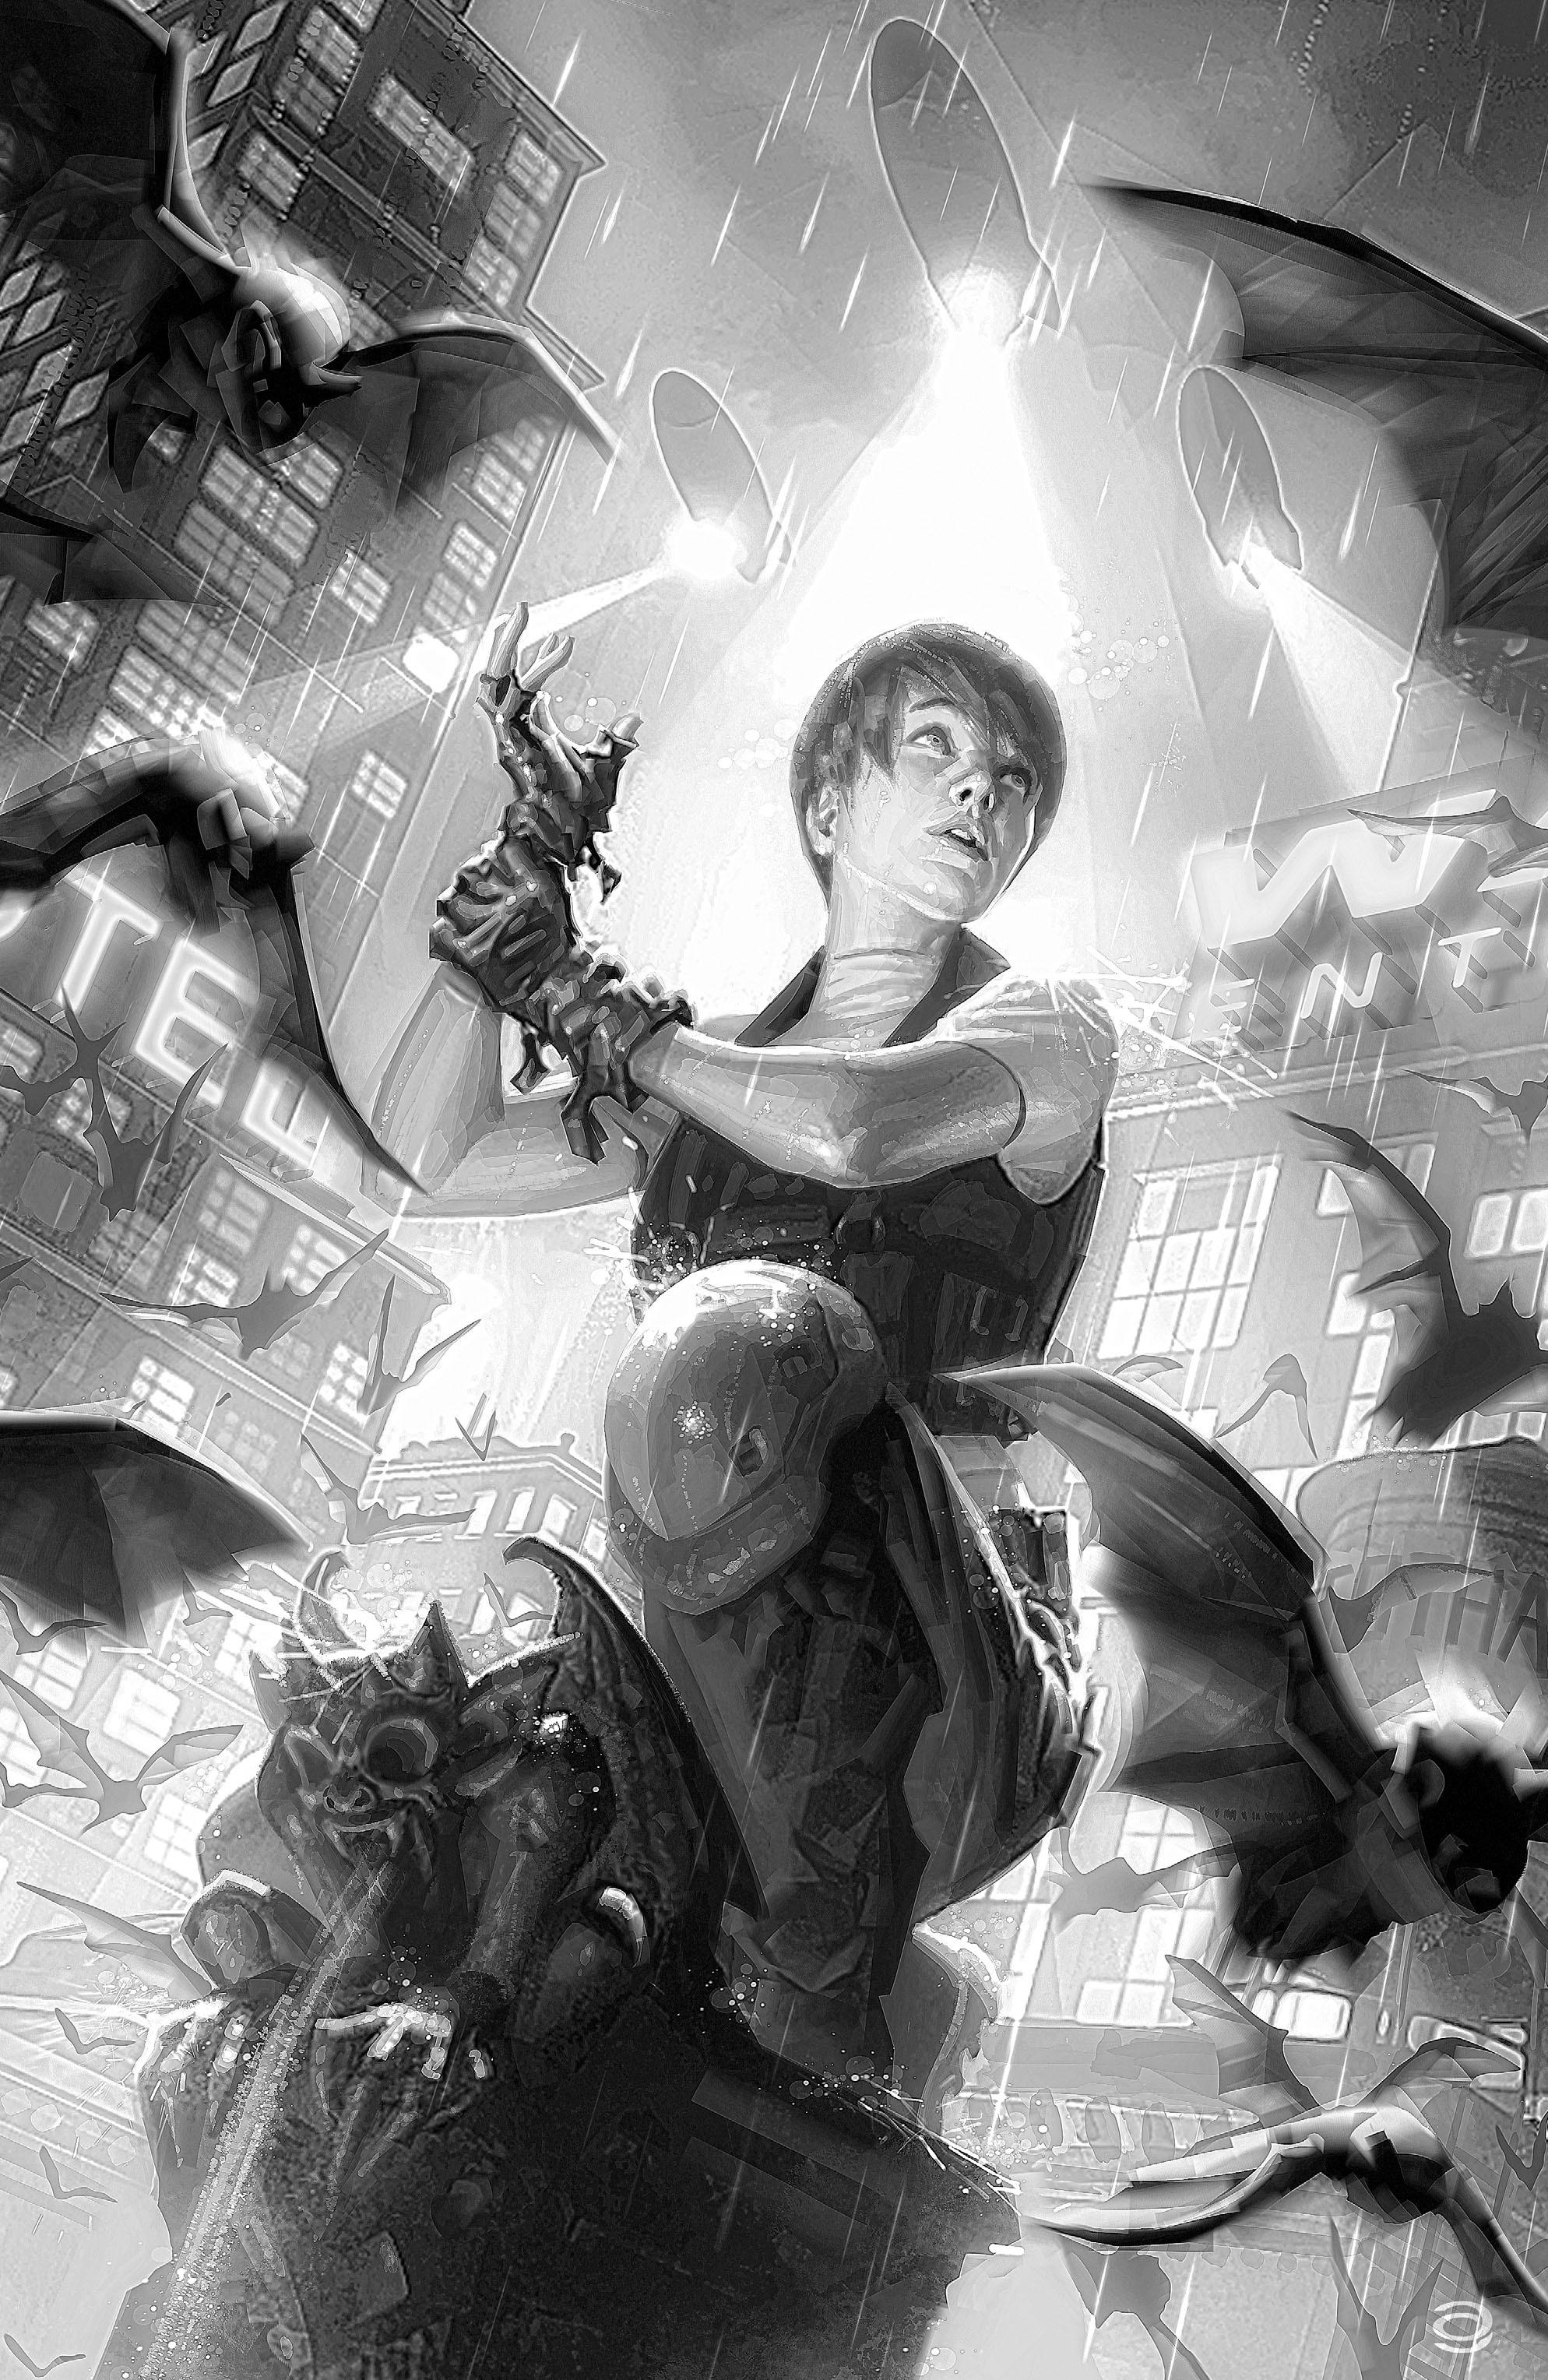 DC Comics: Zero Year chap tpb pic 83